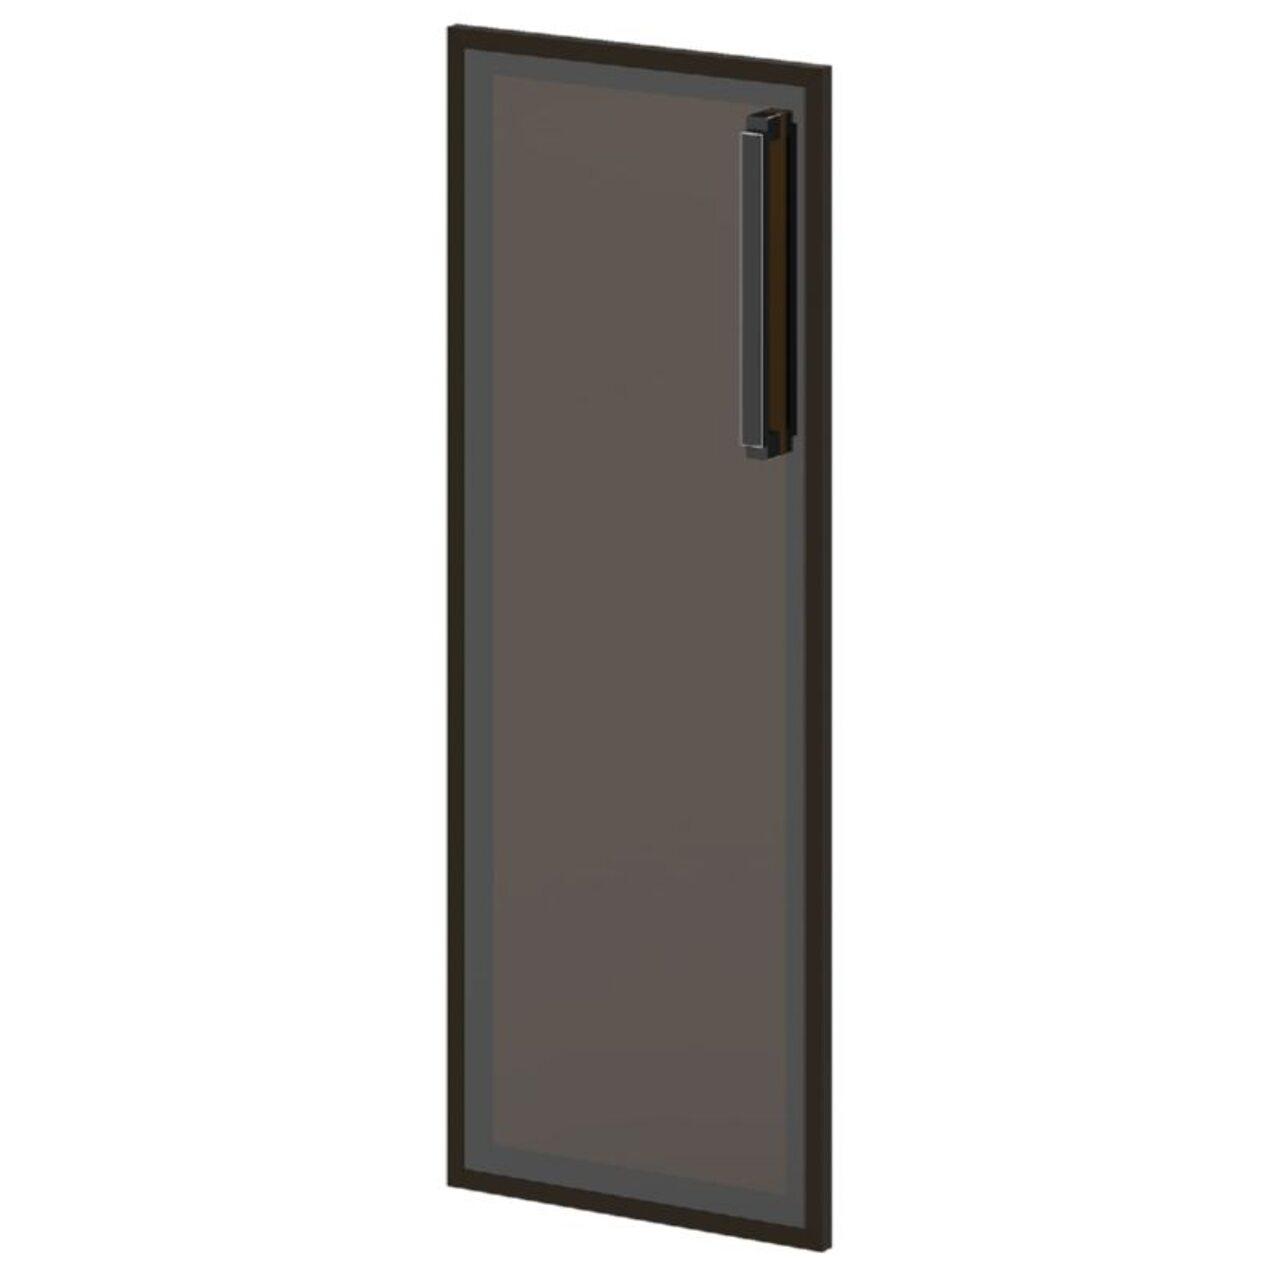 Дверь средняя левая для стеллажей L-65, L-66, L-67  GRACE 45x2x119 - фото 1